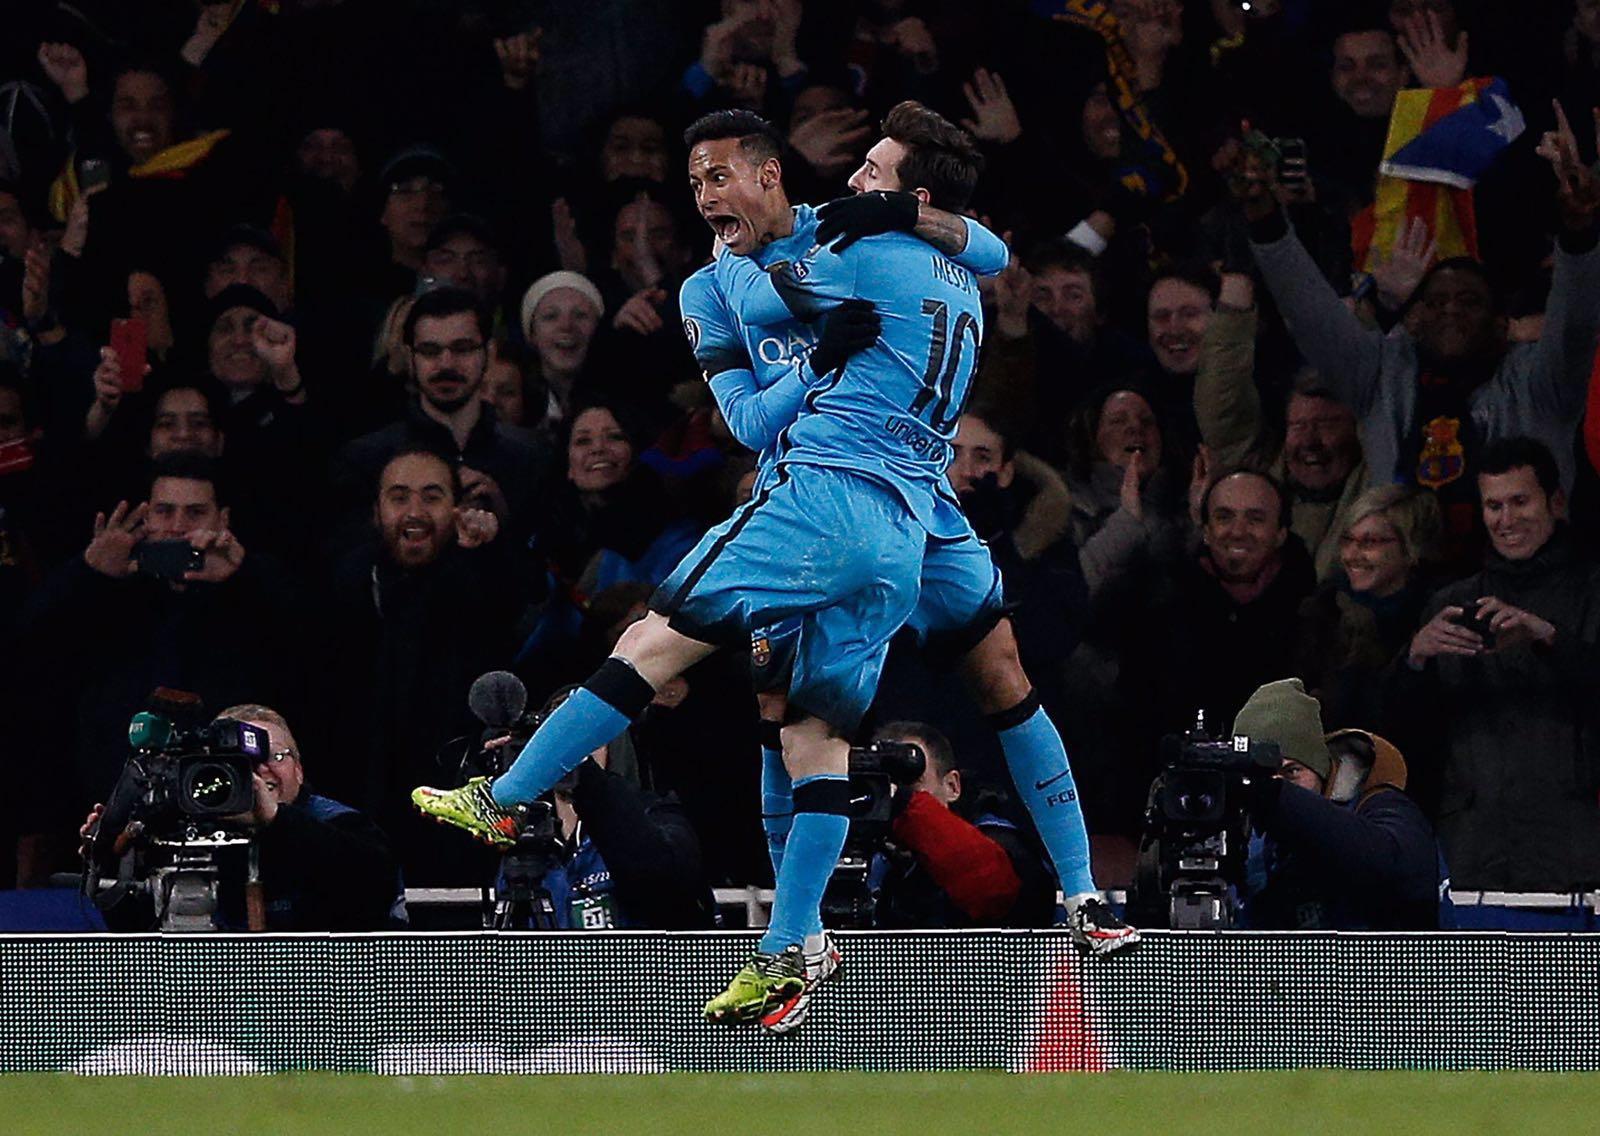 7df4aa0f8d4 Galeria de Fotos - Arsenal 0x2 FC Barcelona - 23 02 2016 - Champions League